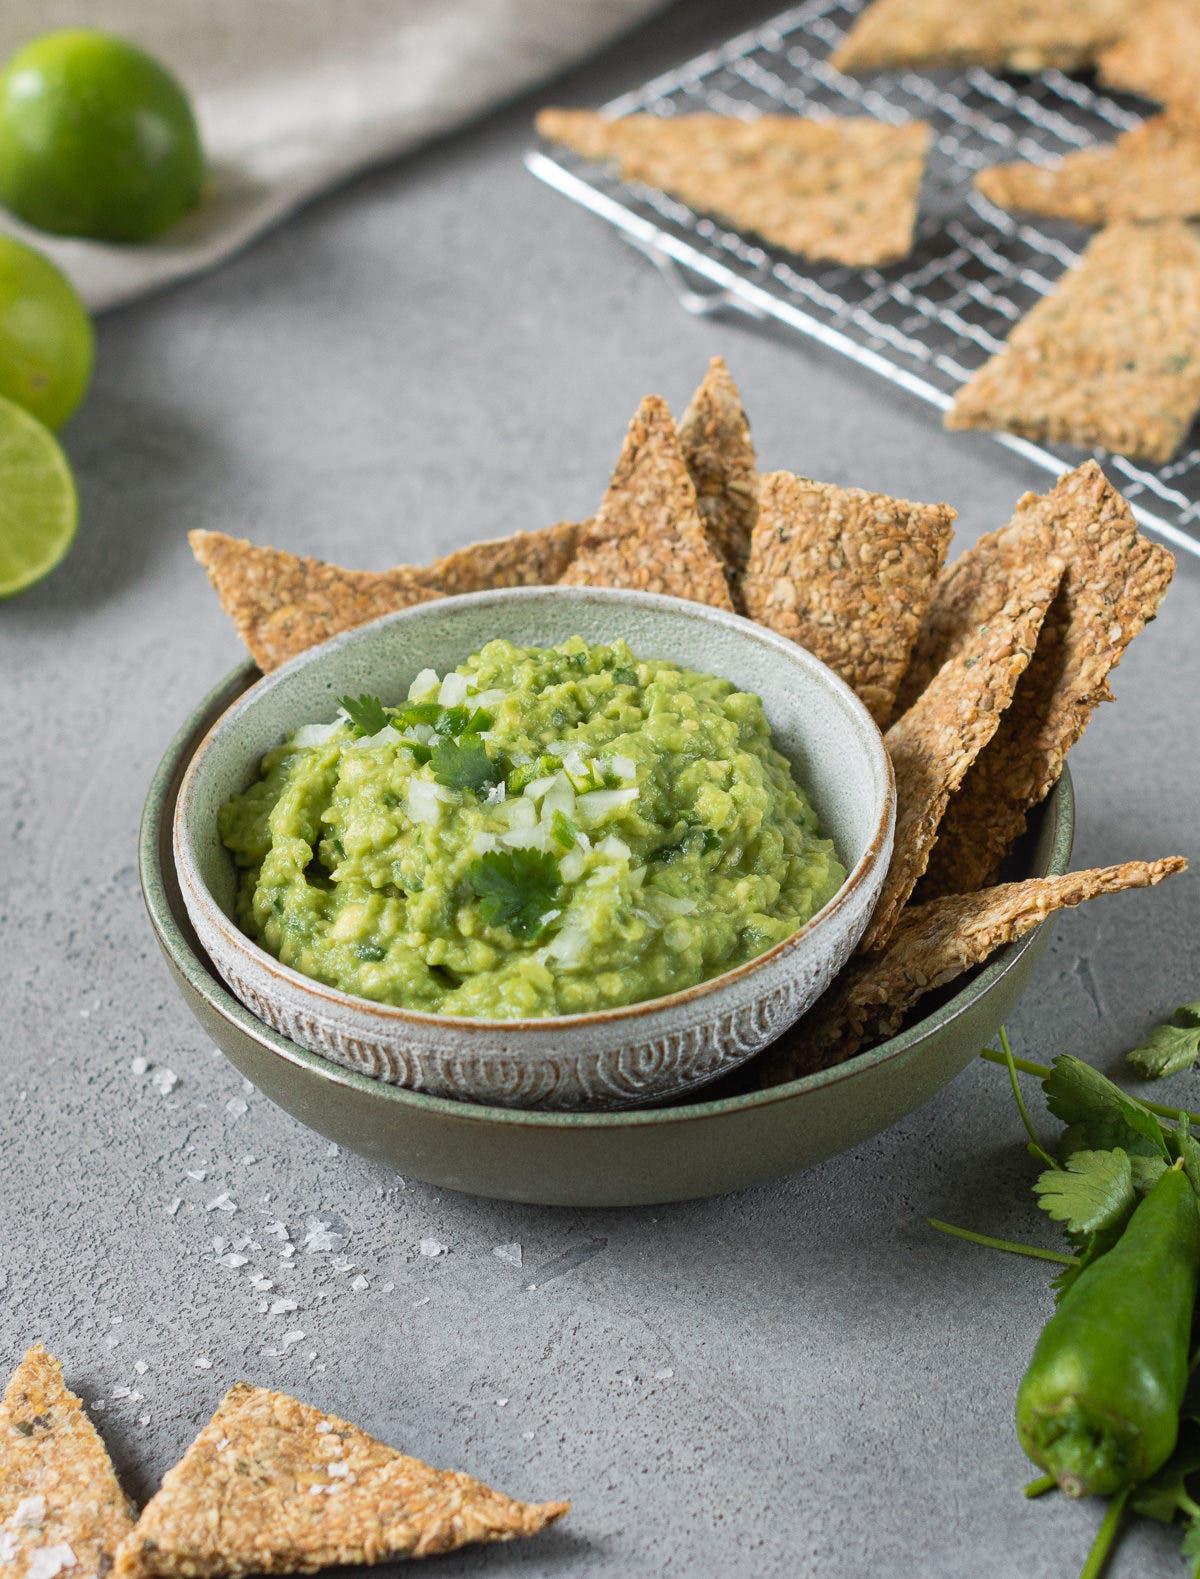 Guacamole Rezept für eine Schüssel gefüllt mit frischer Guacamole und salzigen Crackern